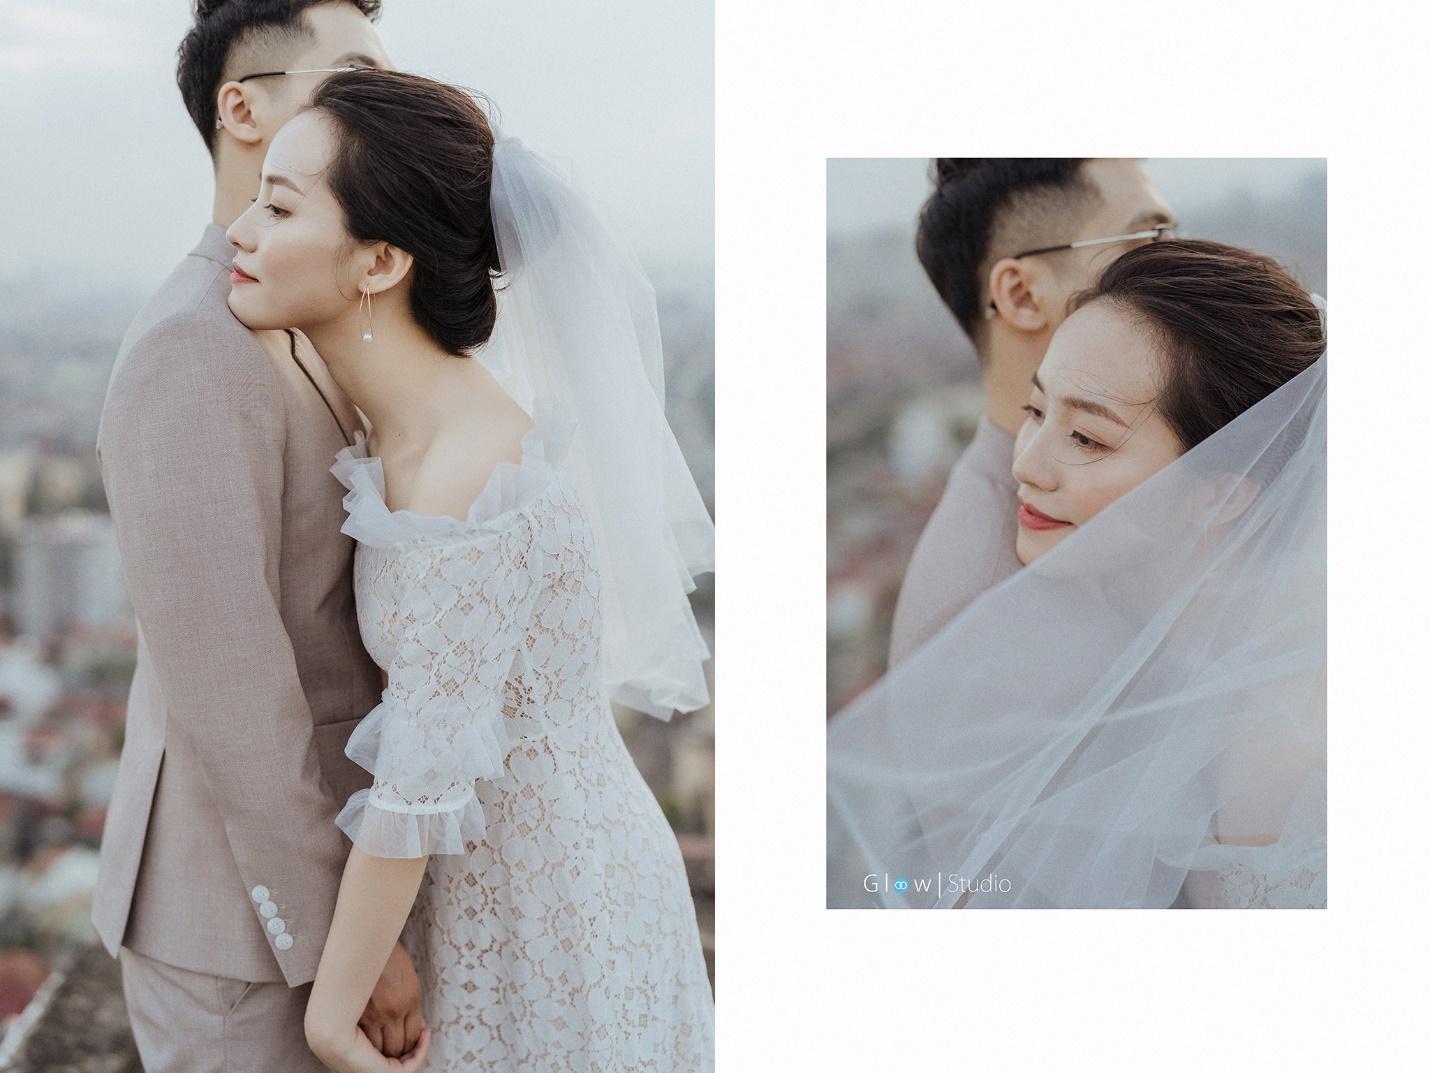 Ảnh cưới tự nhiên - Nơi cảm xúc thật được thăng hoa - Ảnh 7.